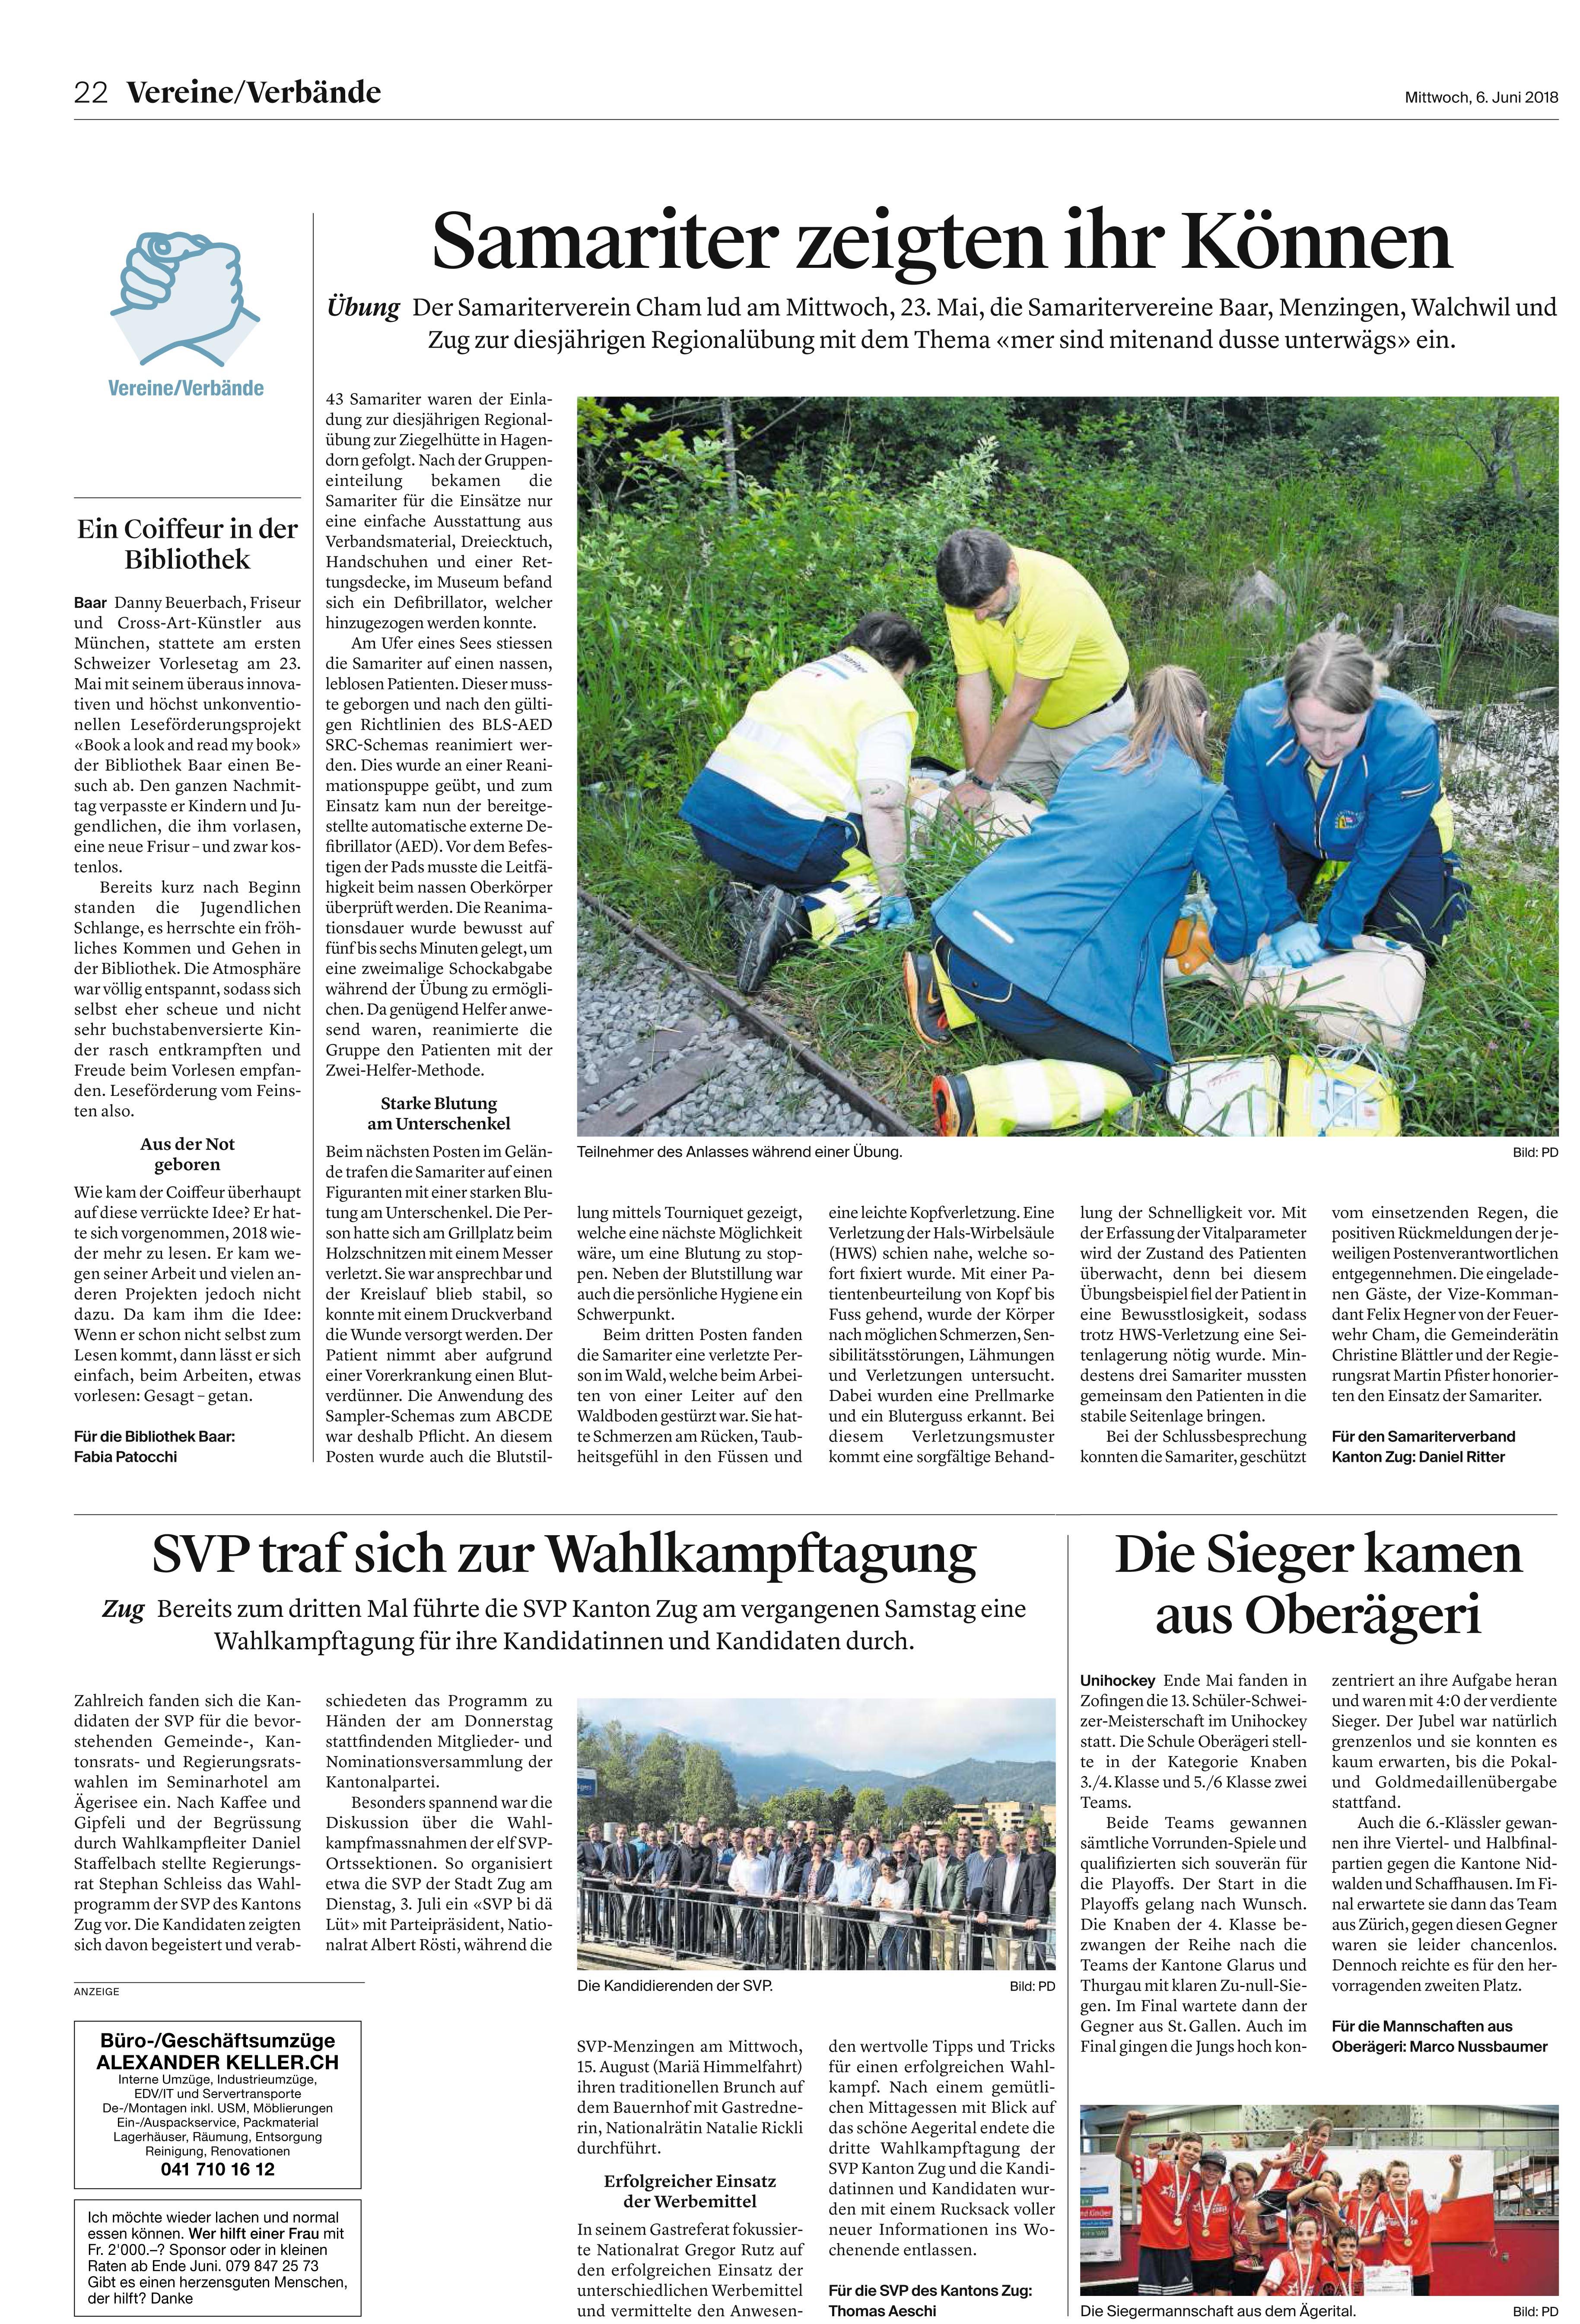 Pressemitteilung SV-Cham